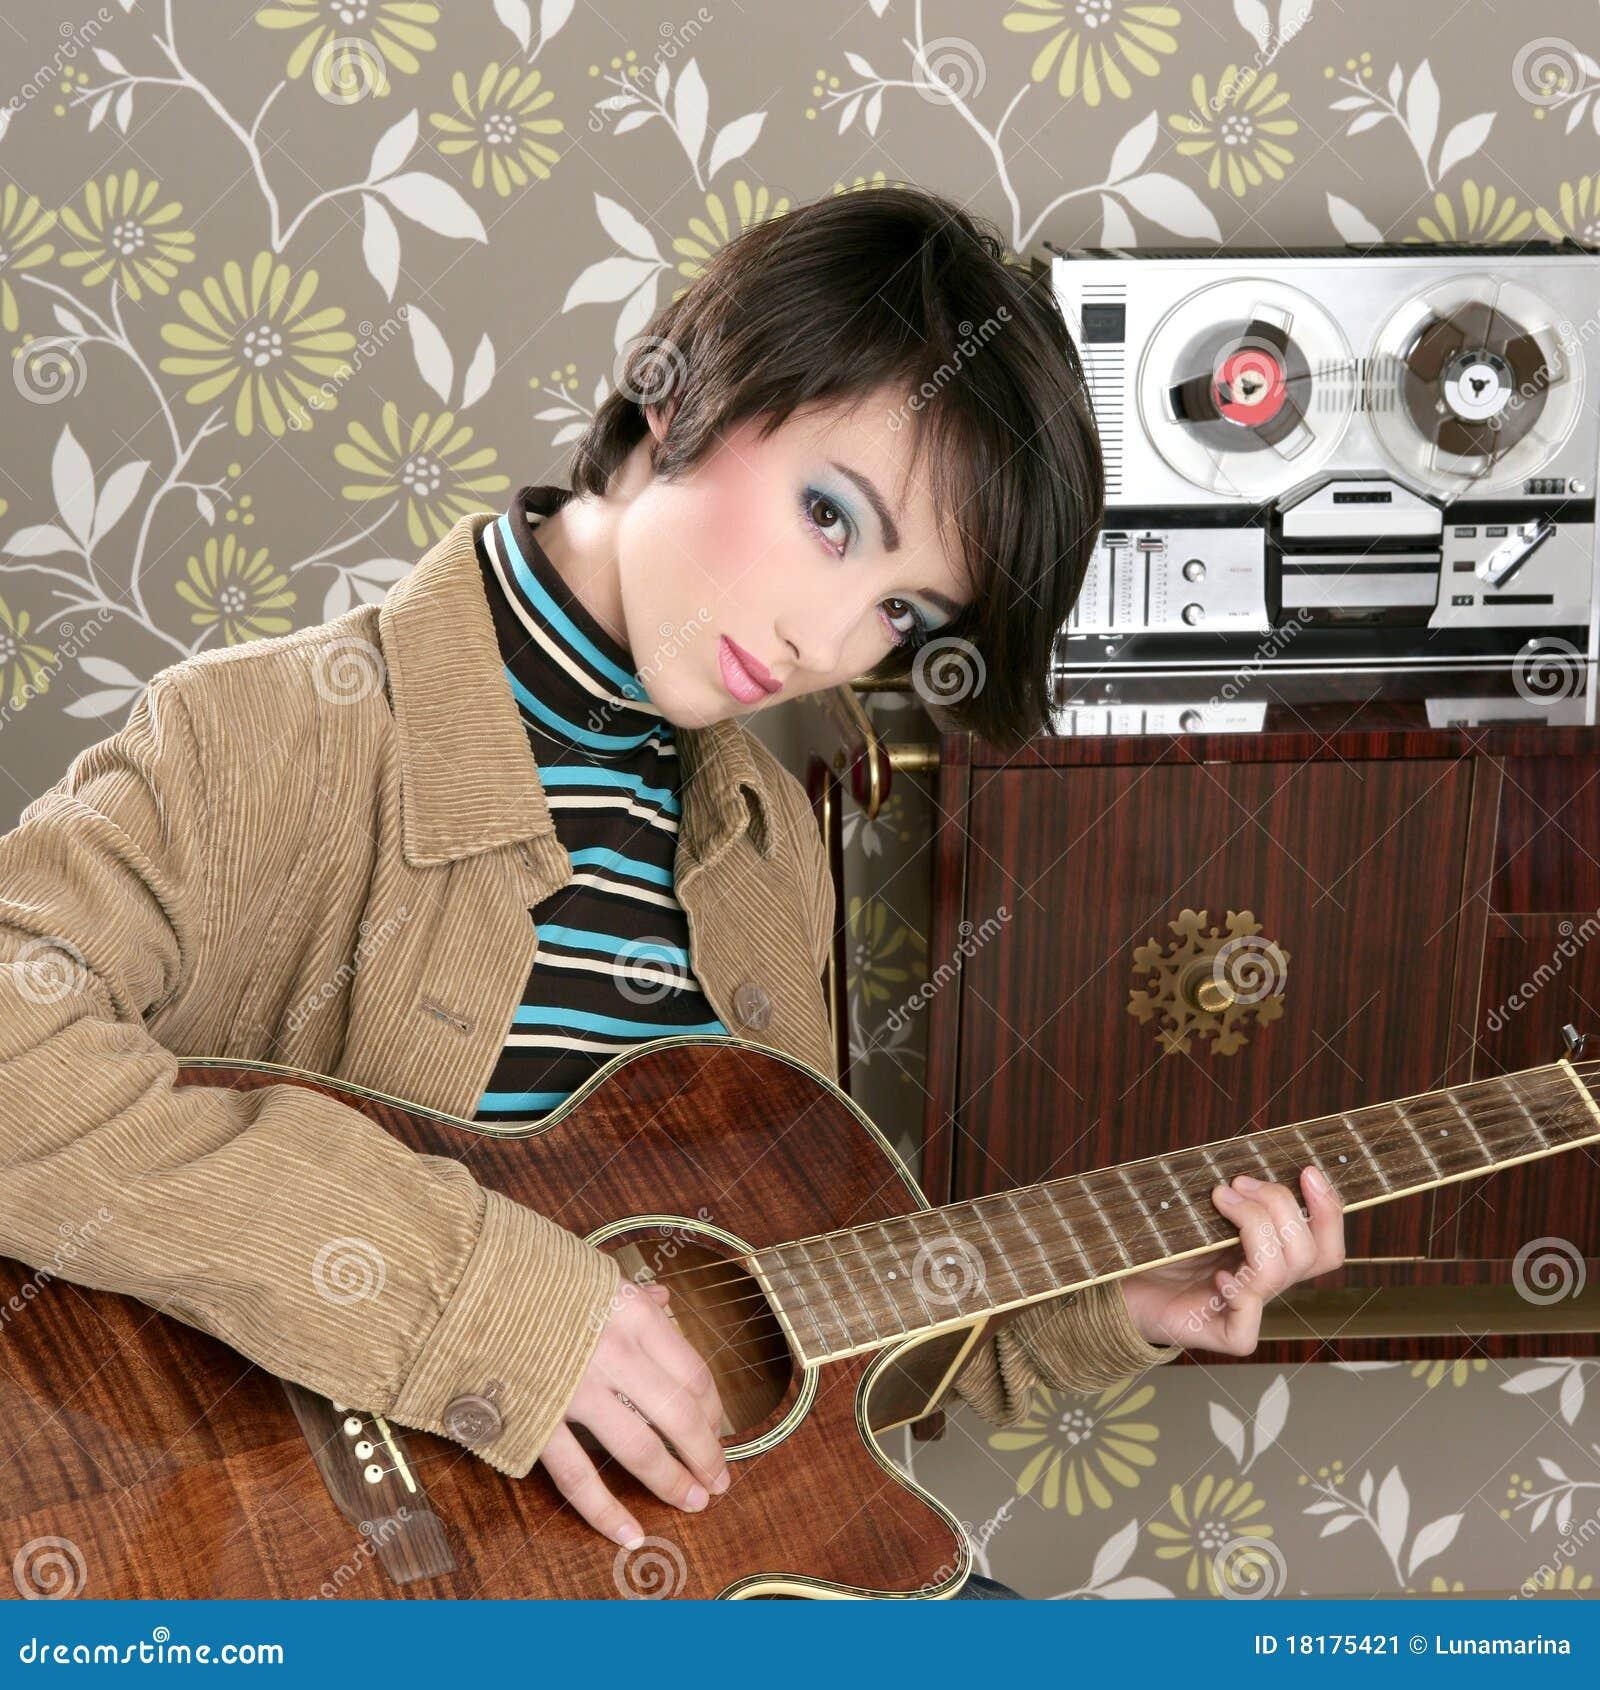 Vintage retro do jogador de guitarra do músico da mulher